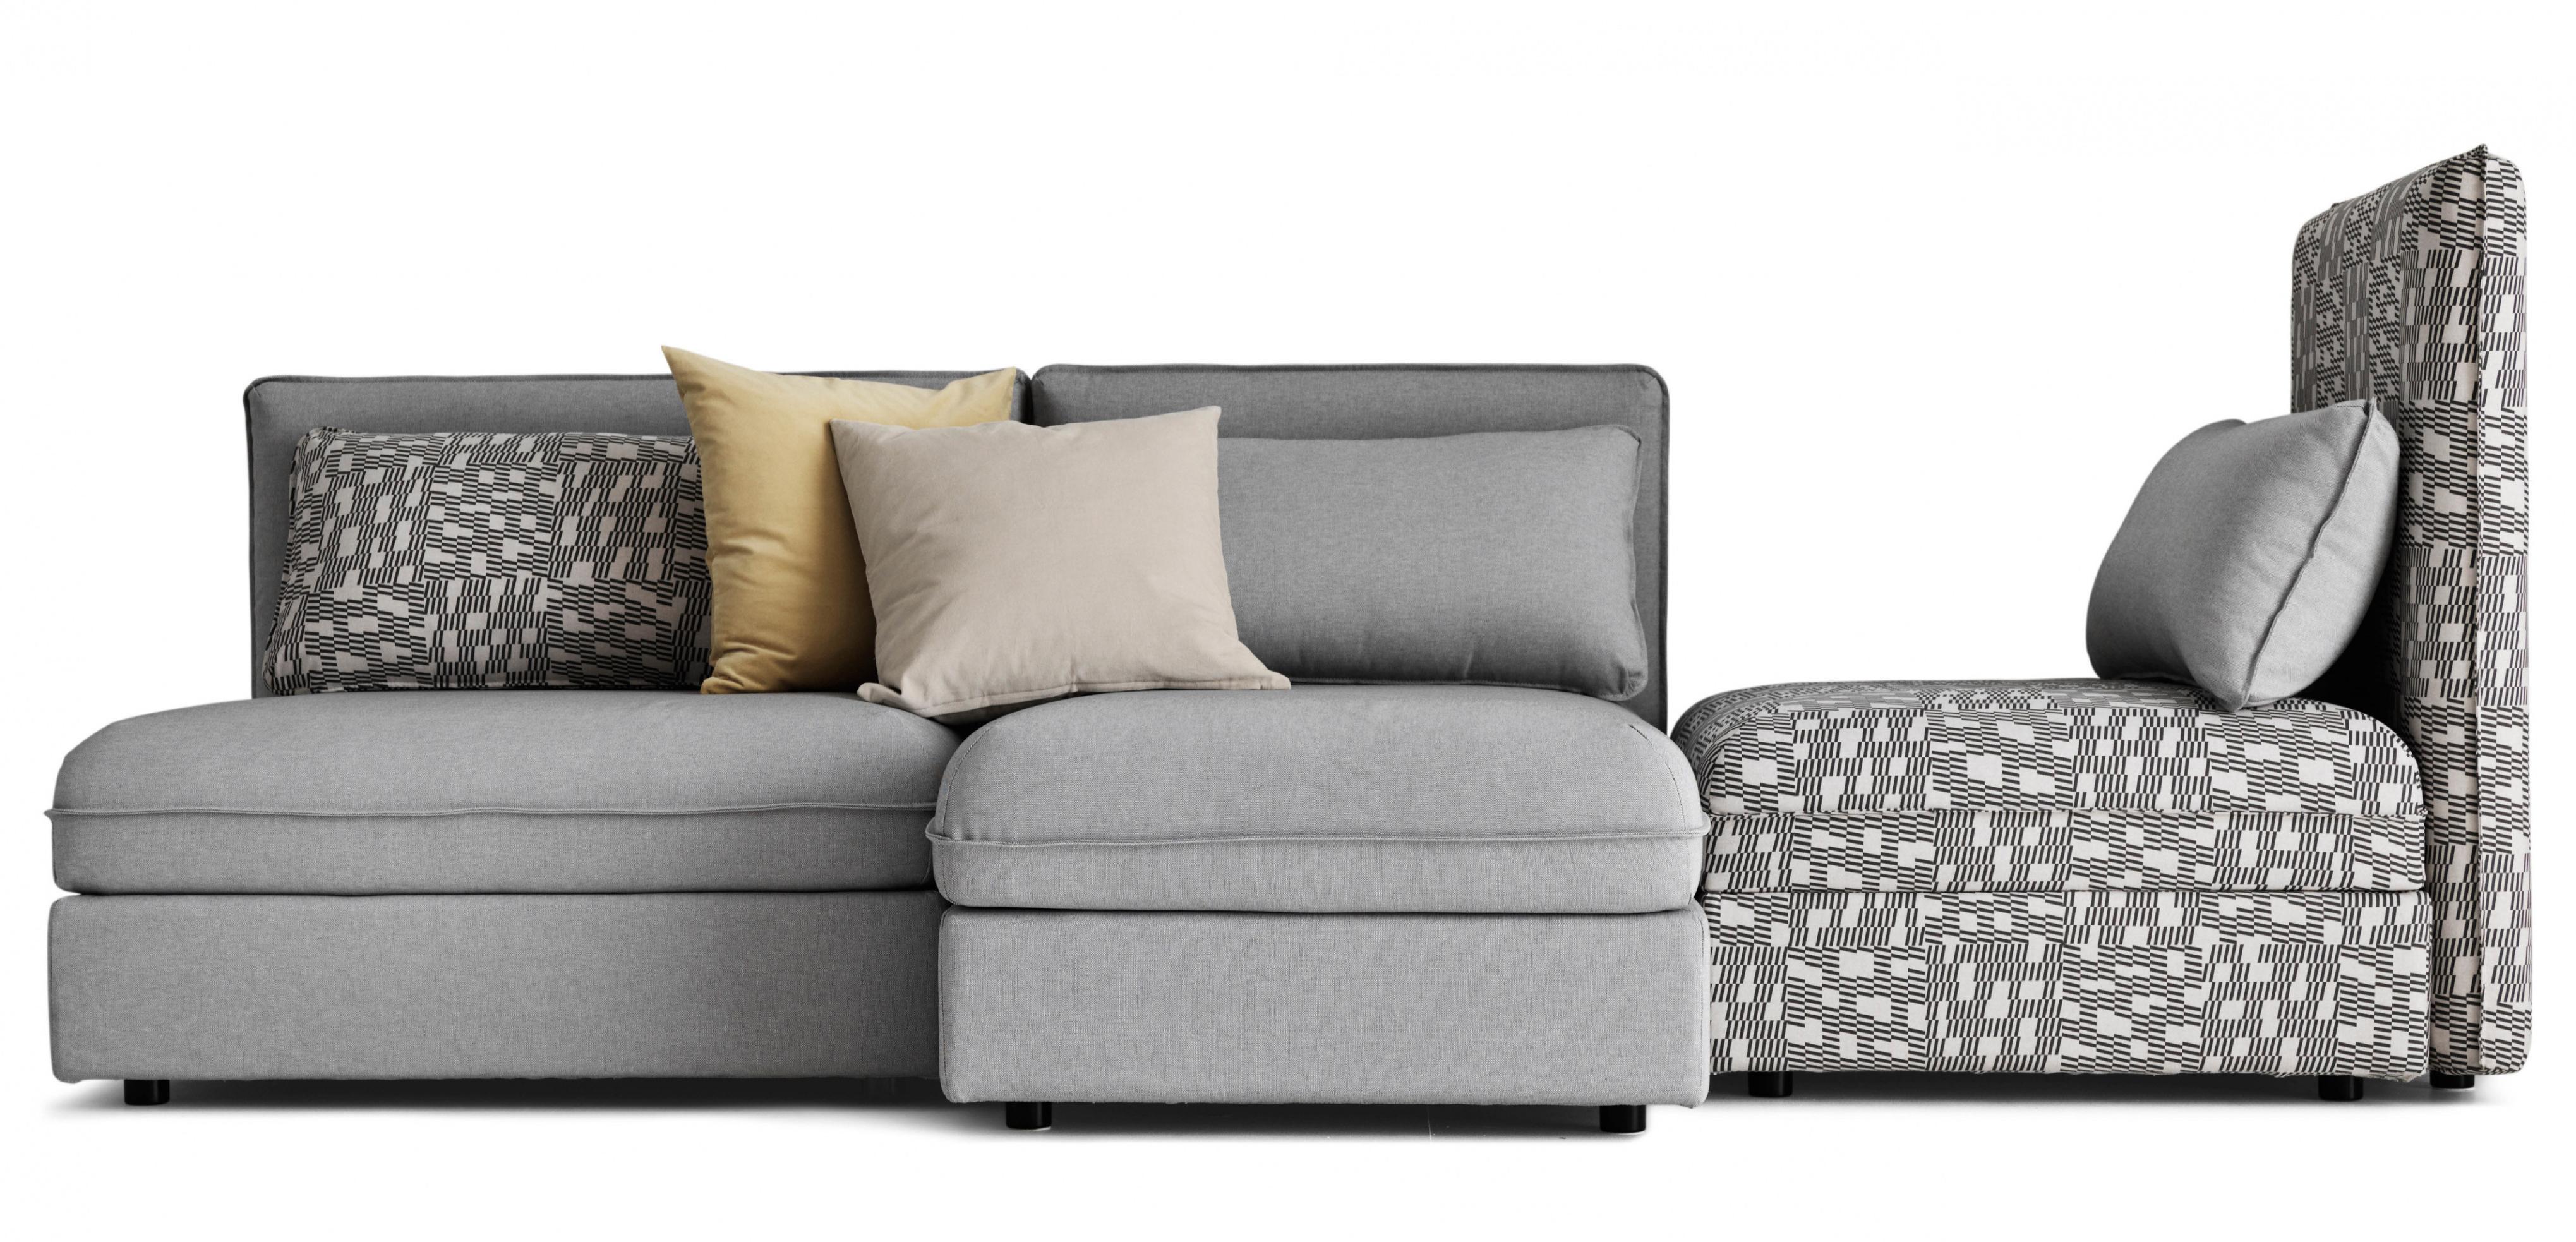 Ikea sofas Modulares U3dh Hermoso sofas Modulares Ikea An Modular sofa S5